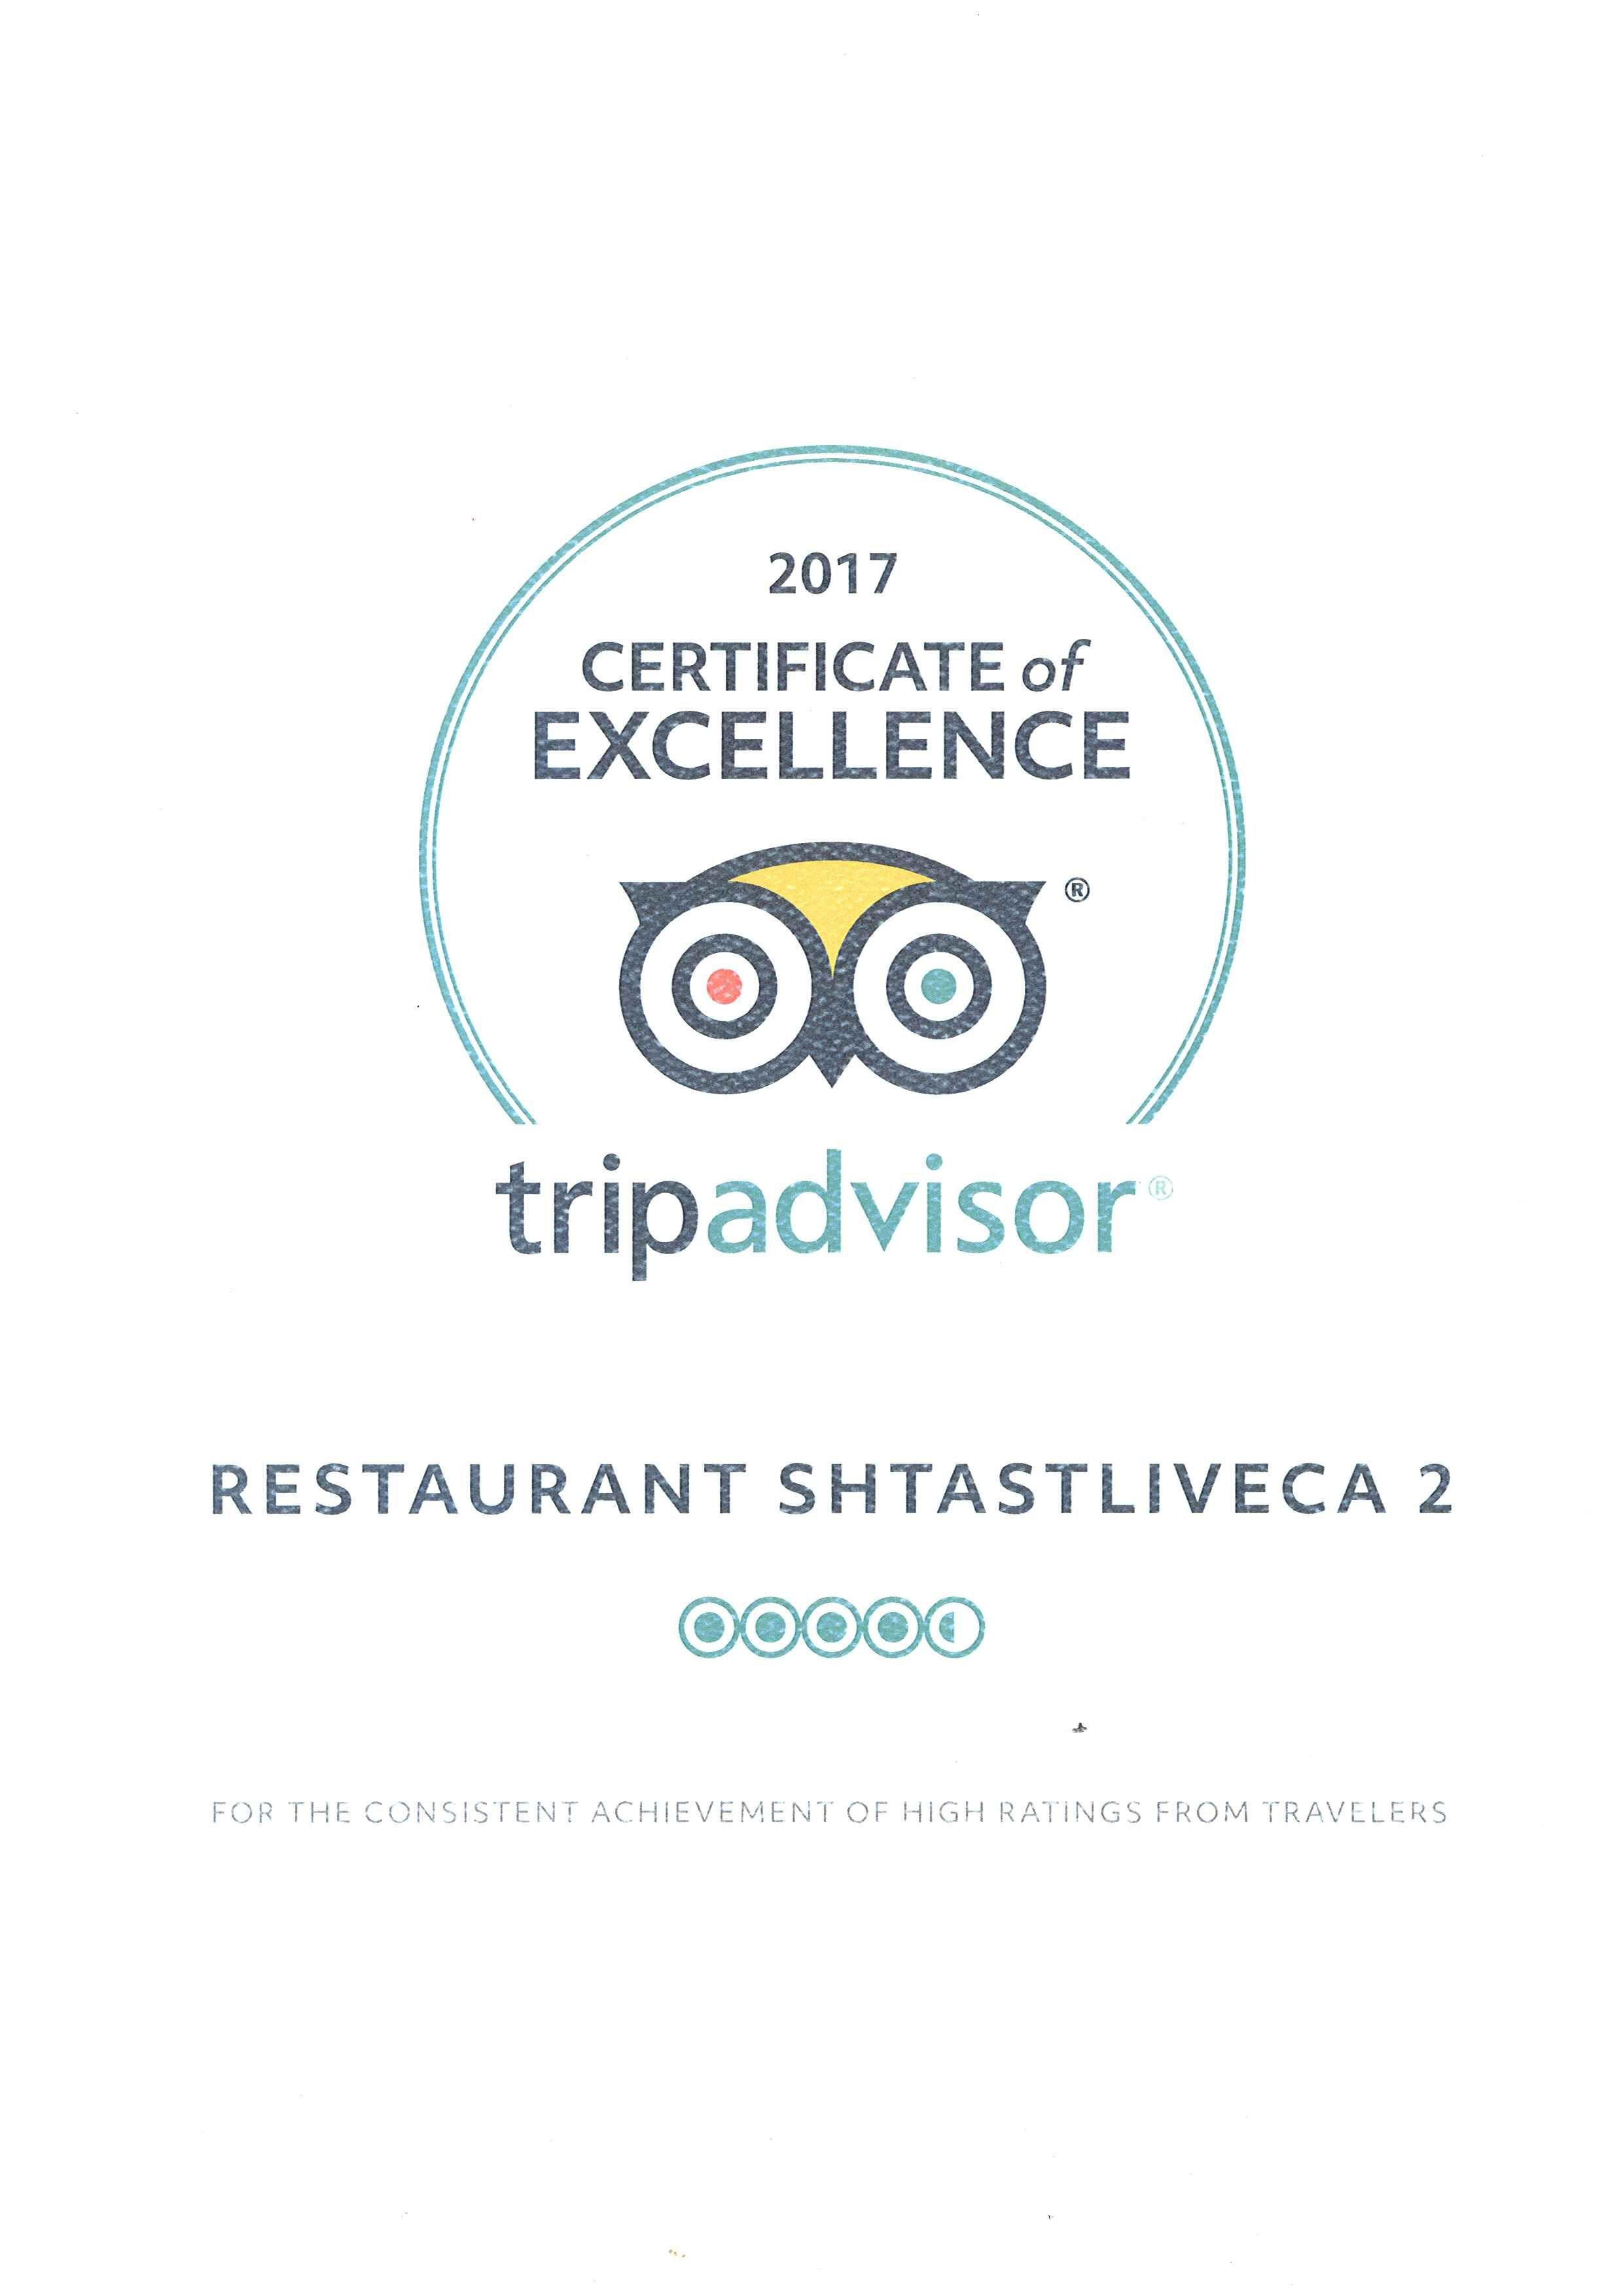 Tripadvisor Certificate Excellence Restaurant Shtastliveca